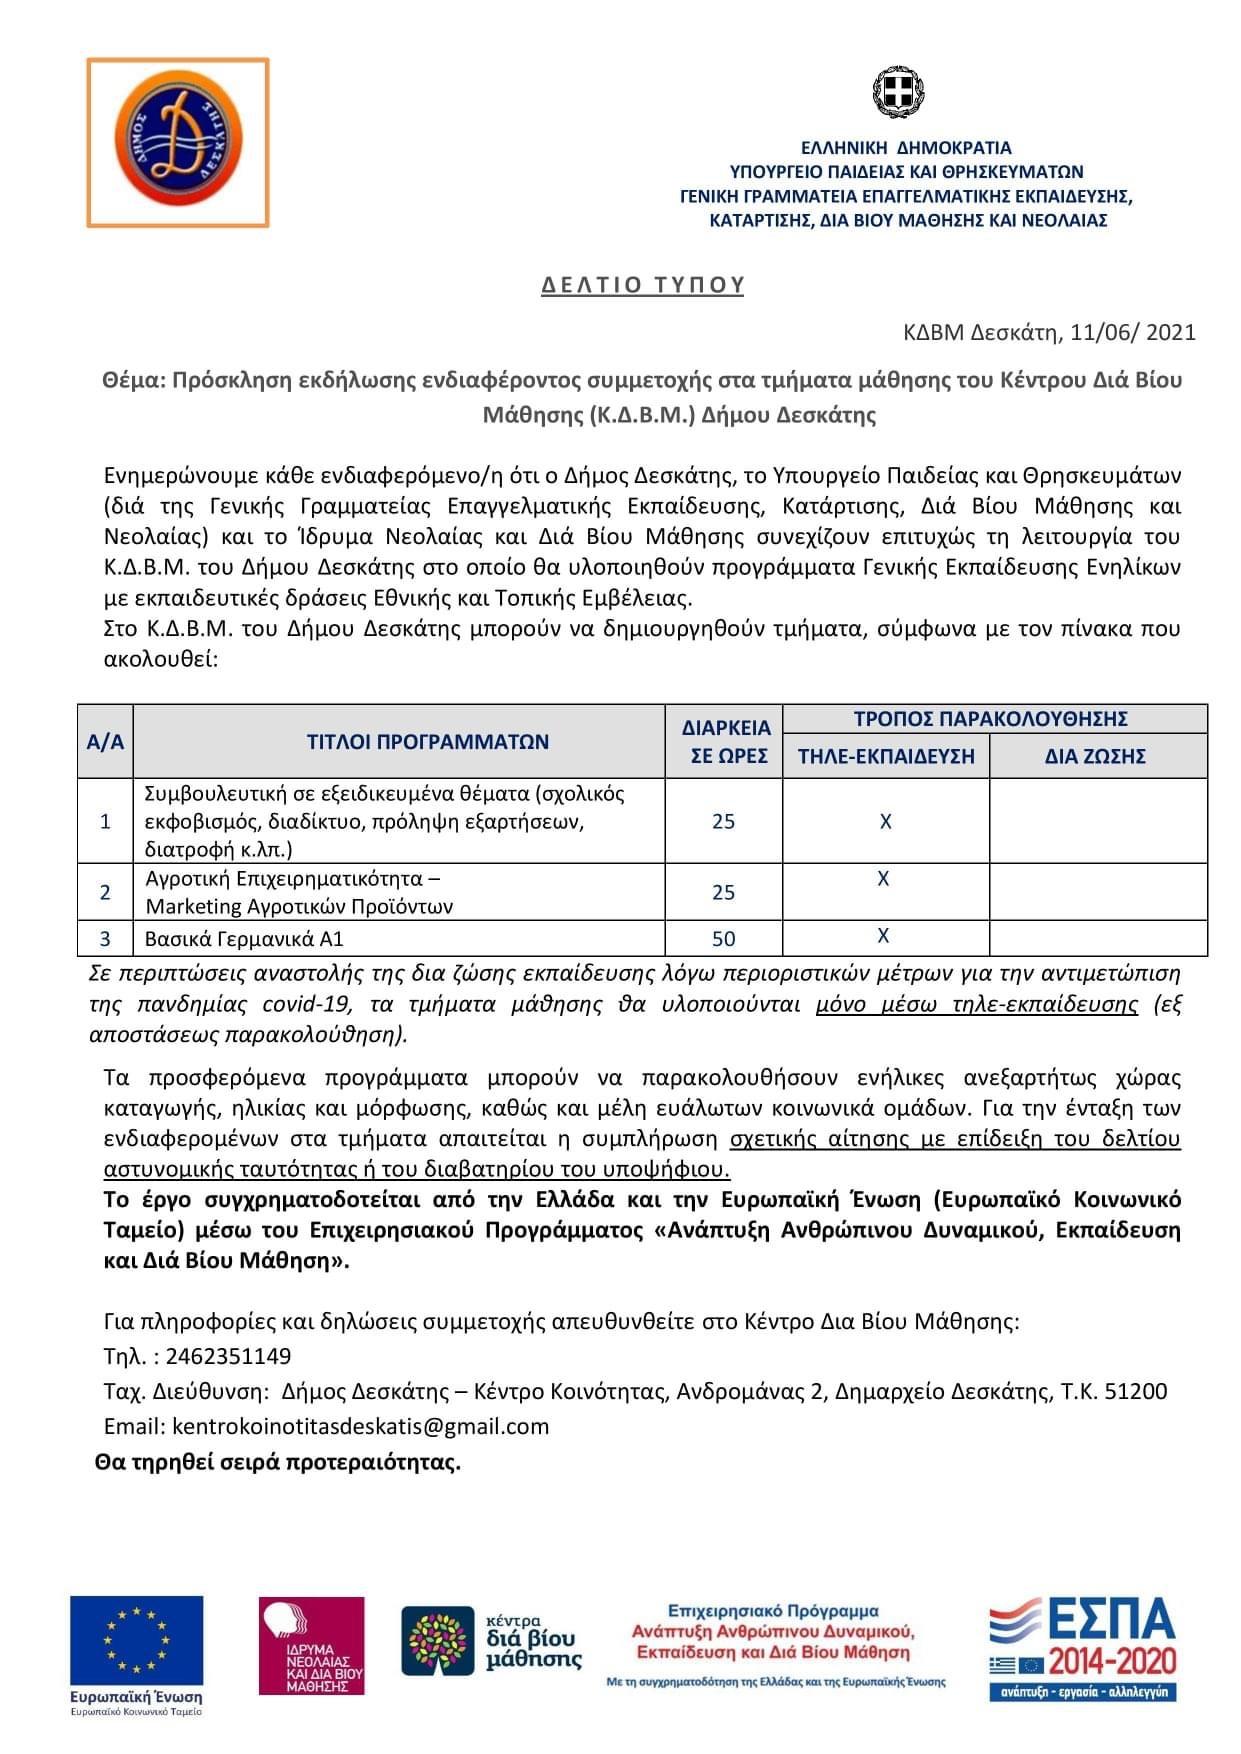 Πρόσκληση ενδιαφέροντος συμμετοχής στα τμήματα μάθησης του Κέντρου Διά Βίου Μάθησης Δήμου Δεσκάτης